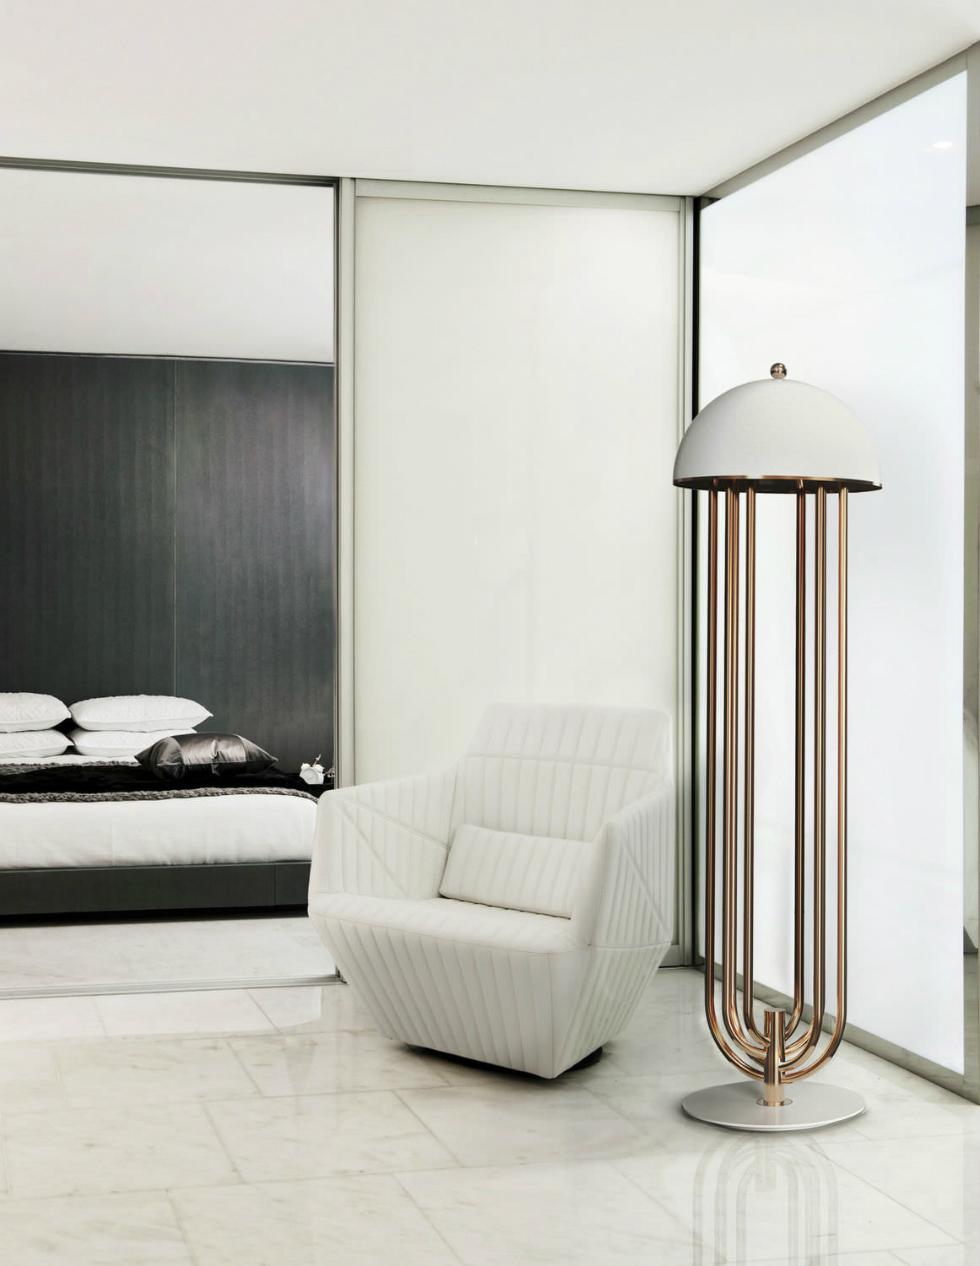 bedroom lighting Unbelievable Bedroom Lighting Secrets to Change Your Bedroom Mood Feature5